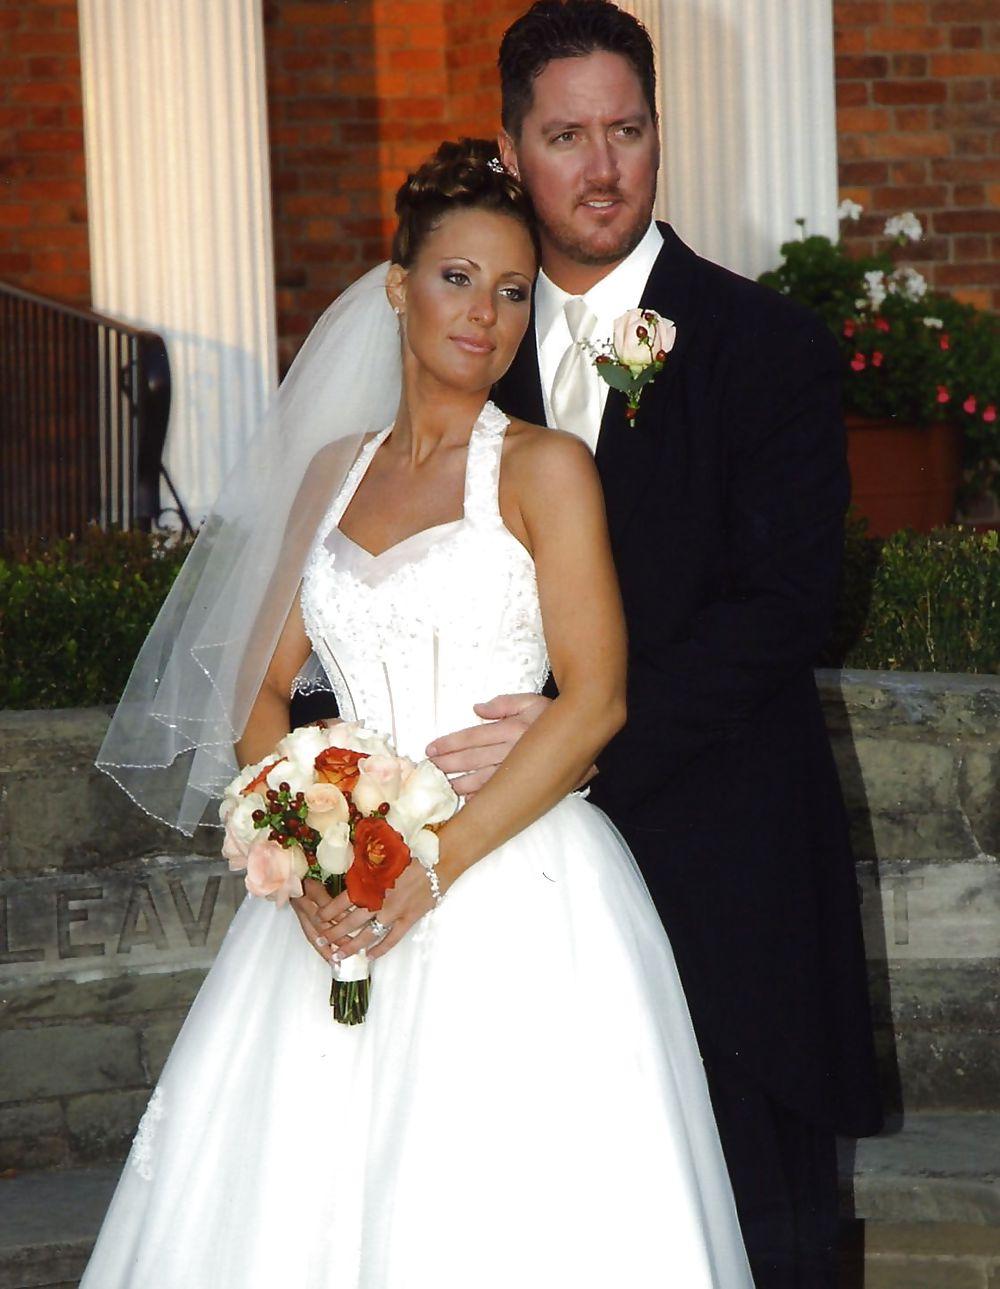 Real stolen couple wedding 2 Porn Pics #18510234